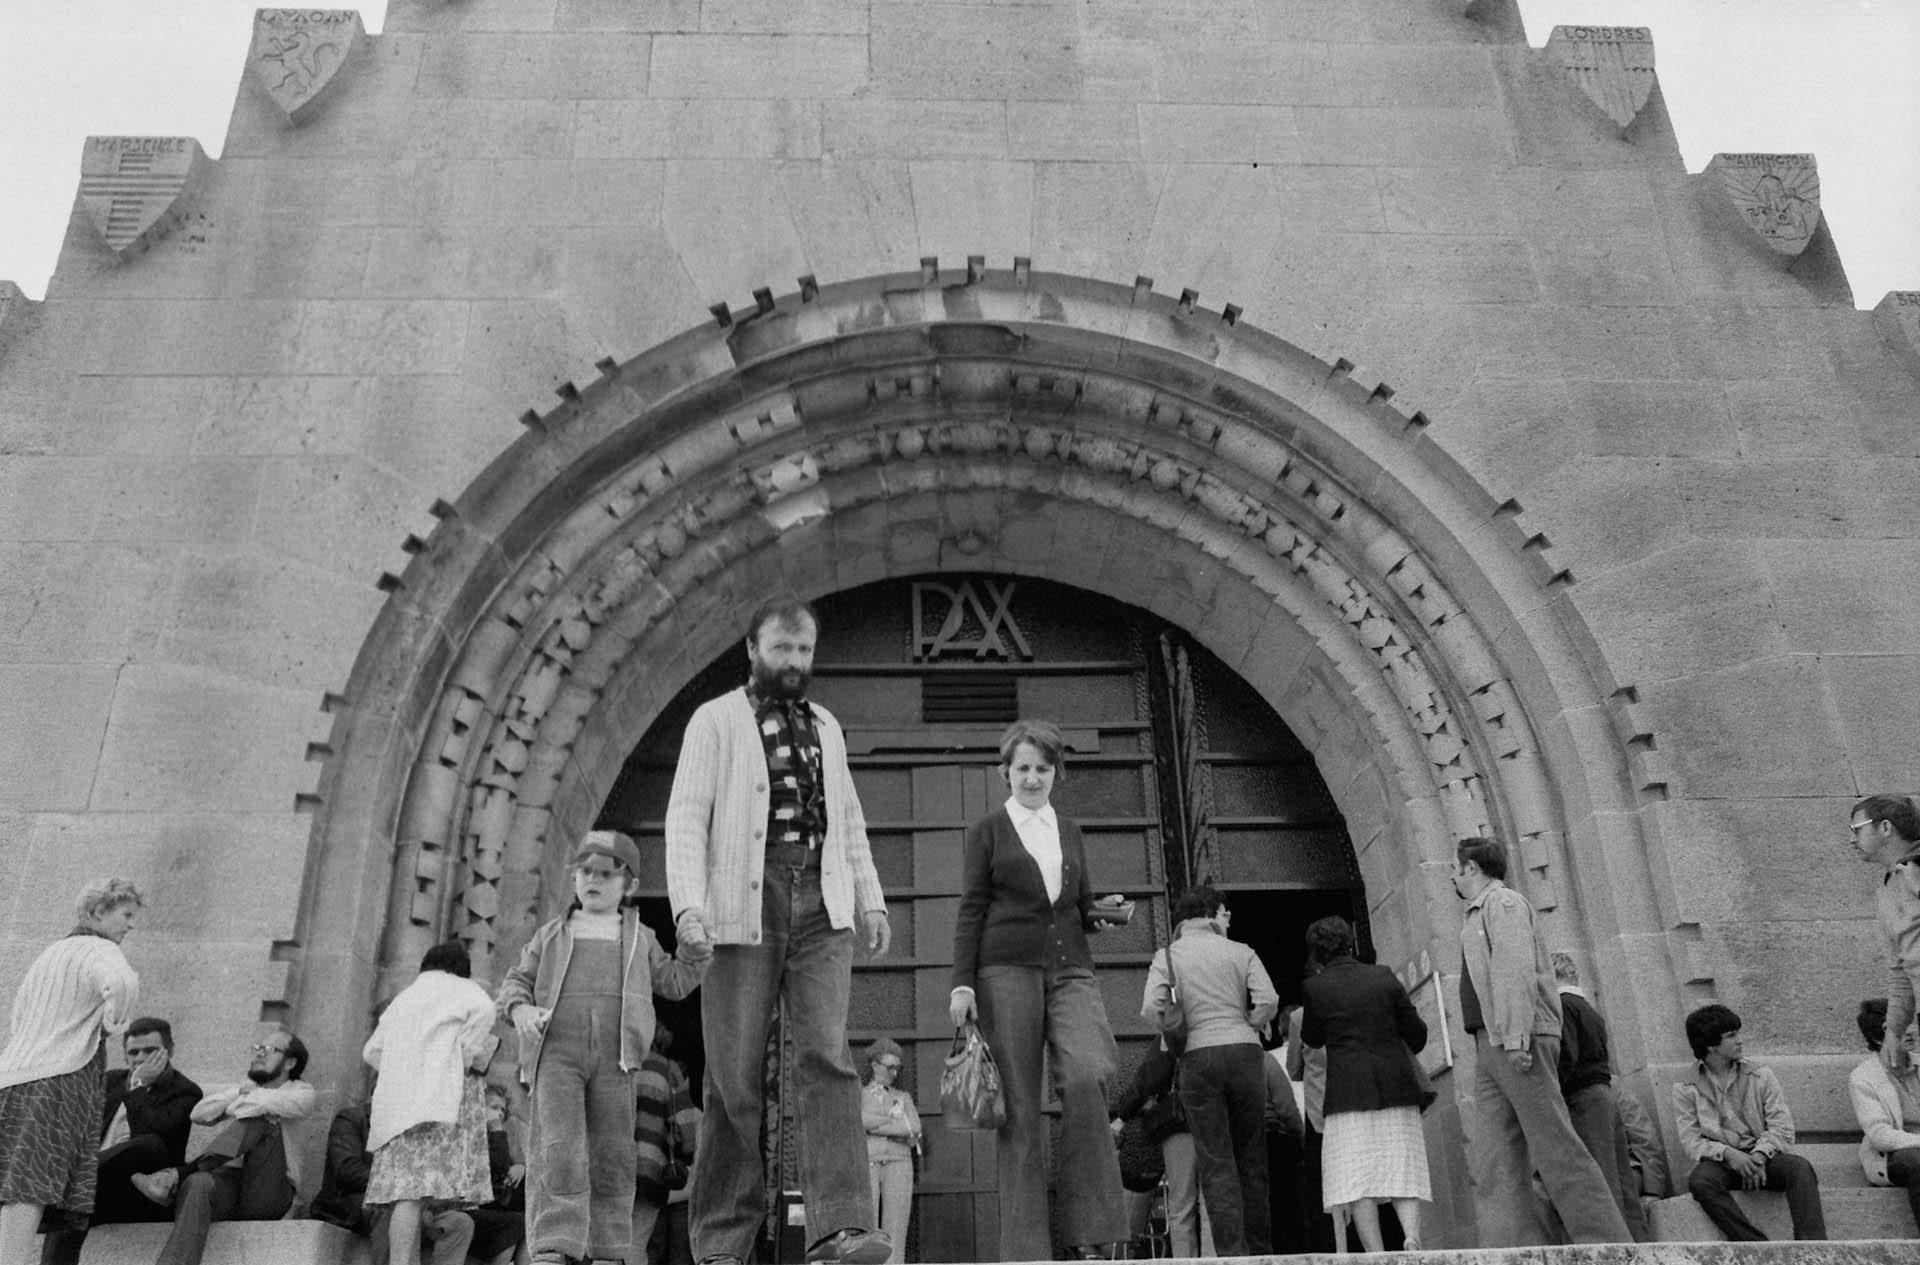 Der Eingang des Beinhauses von Douaumont. In ihm werden die Gebeine von über 130.000 nicht identifizierten französischen und deutschen Soldaten aufbewahrt.